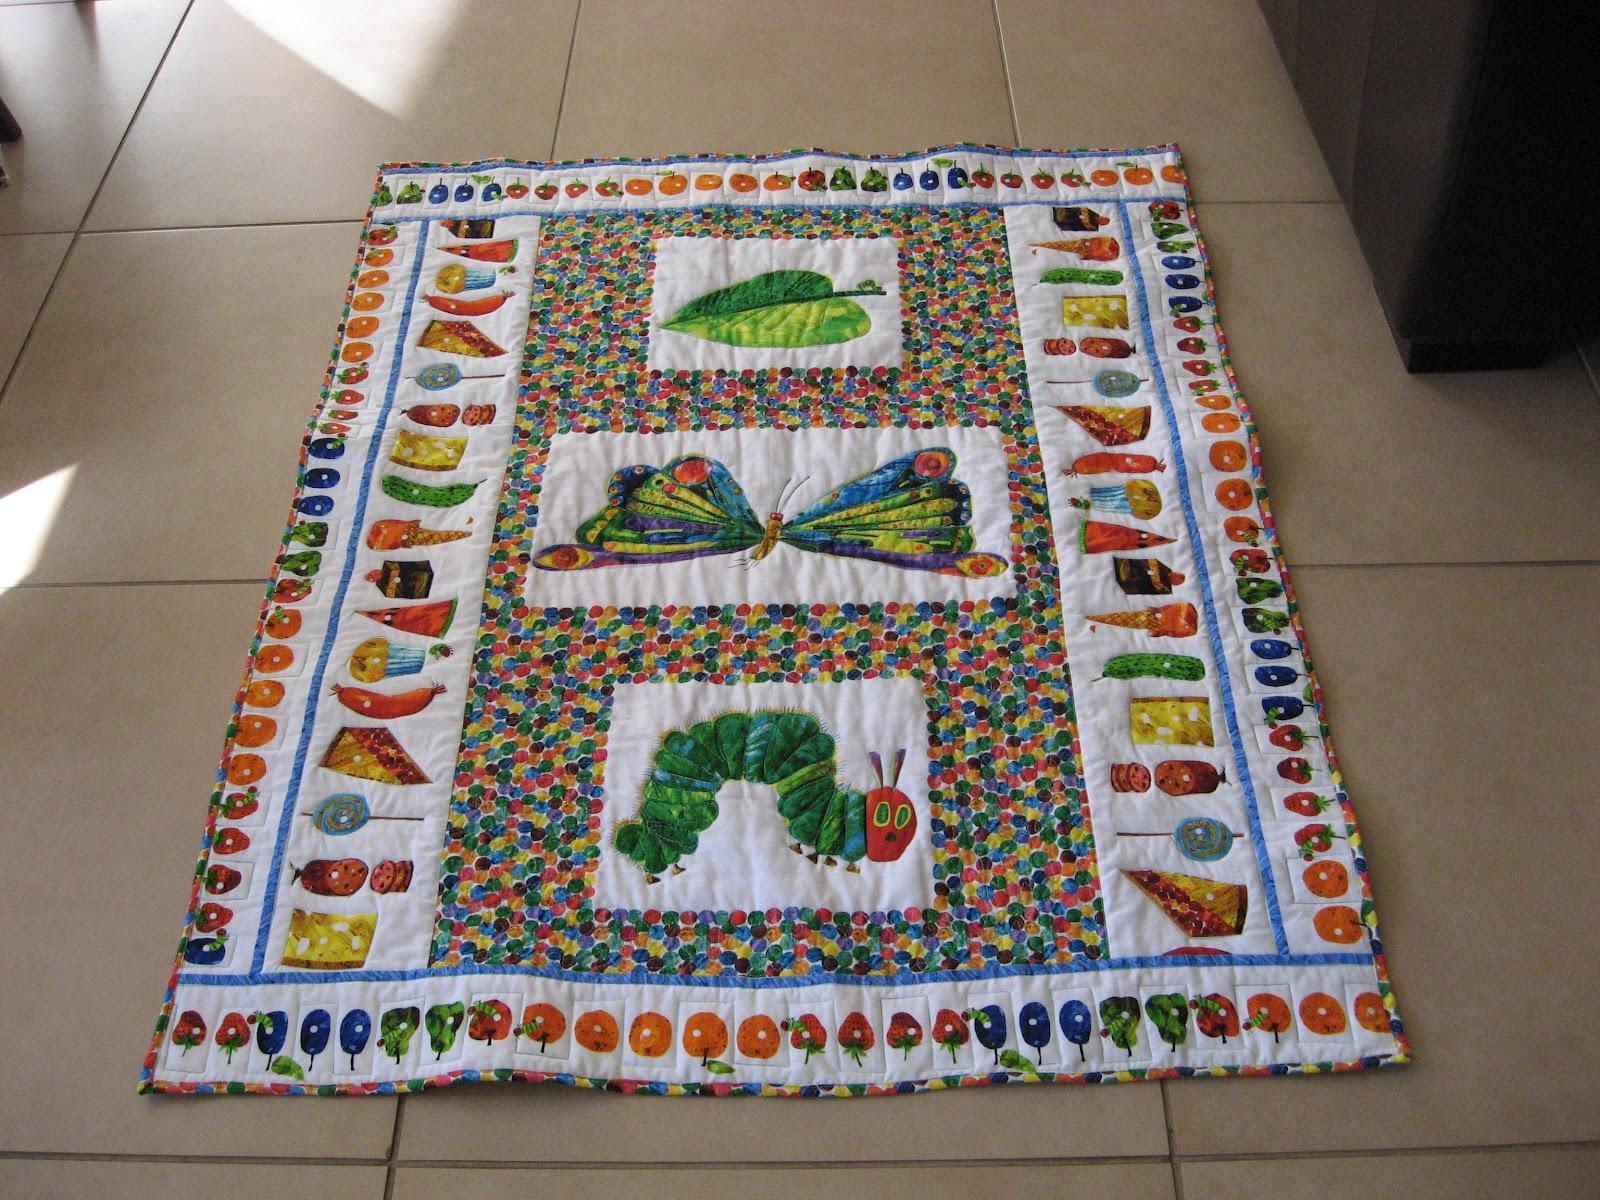 Floor Quilt For Babies Of Fairiesrmequilting Baby Floor Quilt